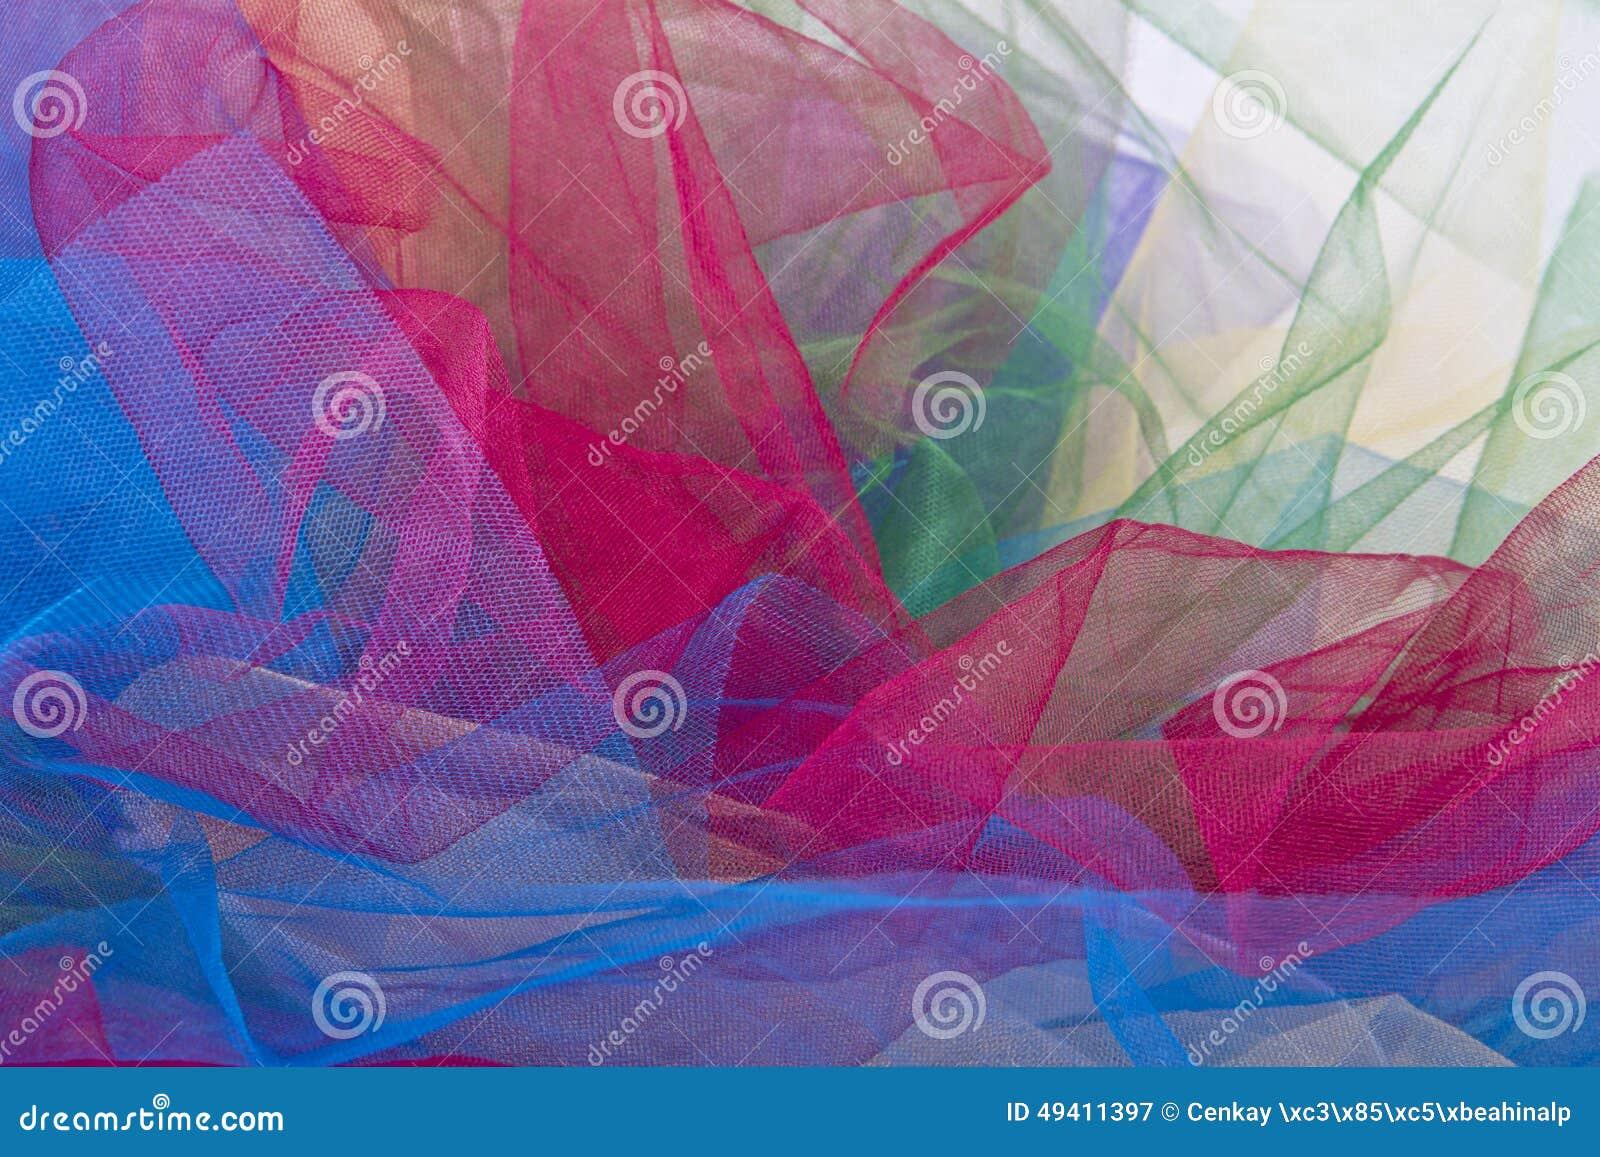 Download Tulle-Gewebe Auf Weißem Hintergrund Stockbild - Bild von auszug, tuch: 49411397